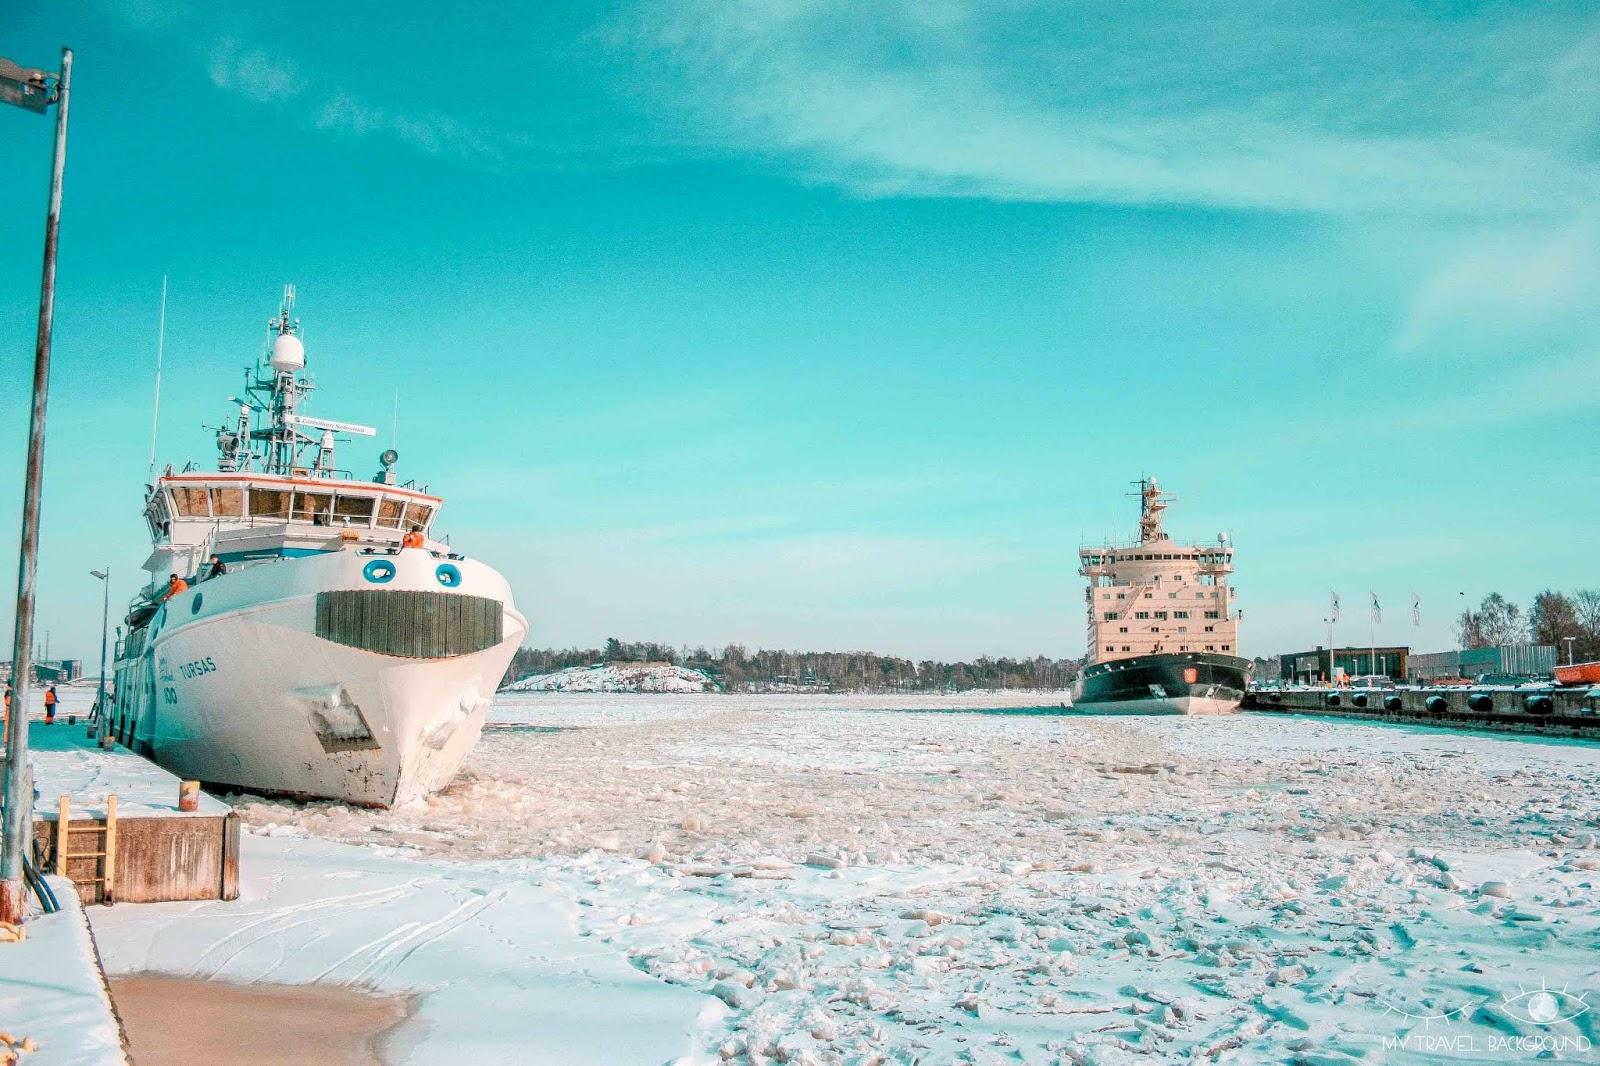 My Travel Background : 2 jours pour découvrir Helsinki, la capitale de la Finlande - Brise glace